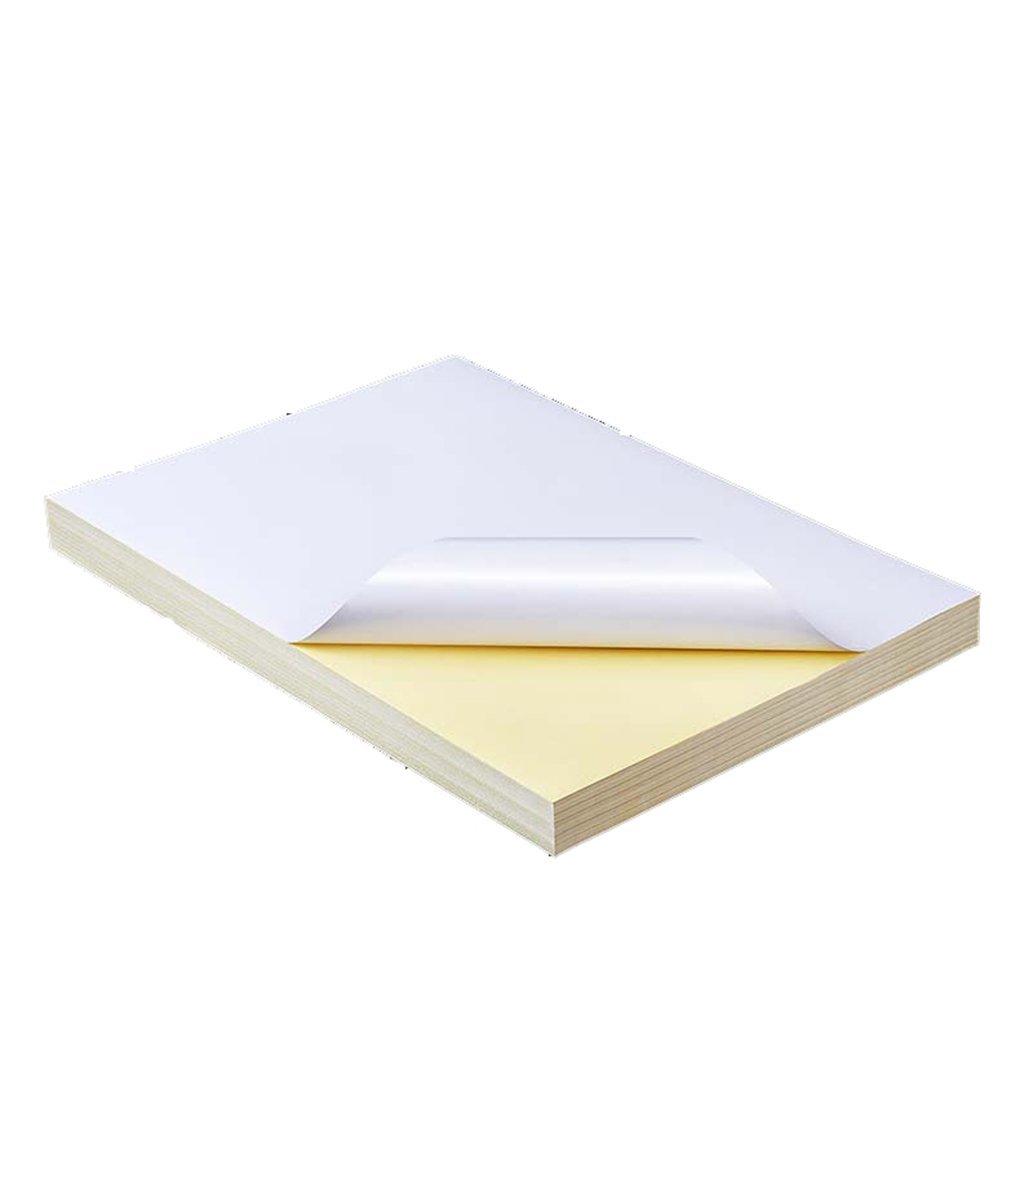 Feuille Stratifié Blanc Brillant vente en gros Étiquettes brillantes 2020 en vrac à partir de